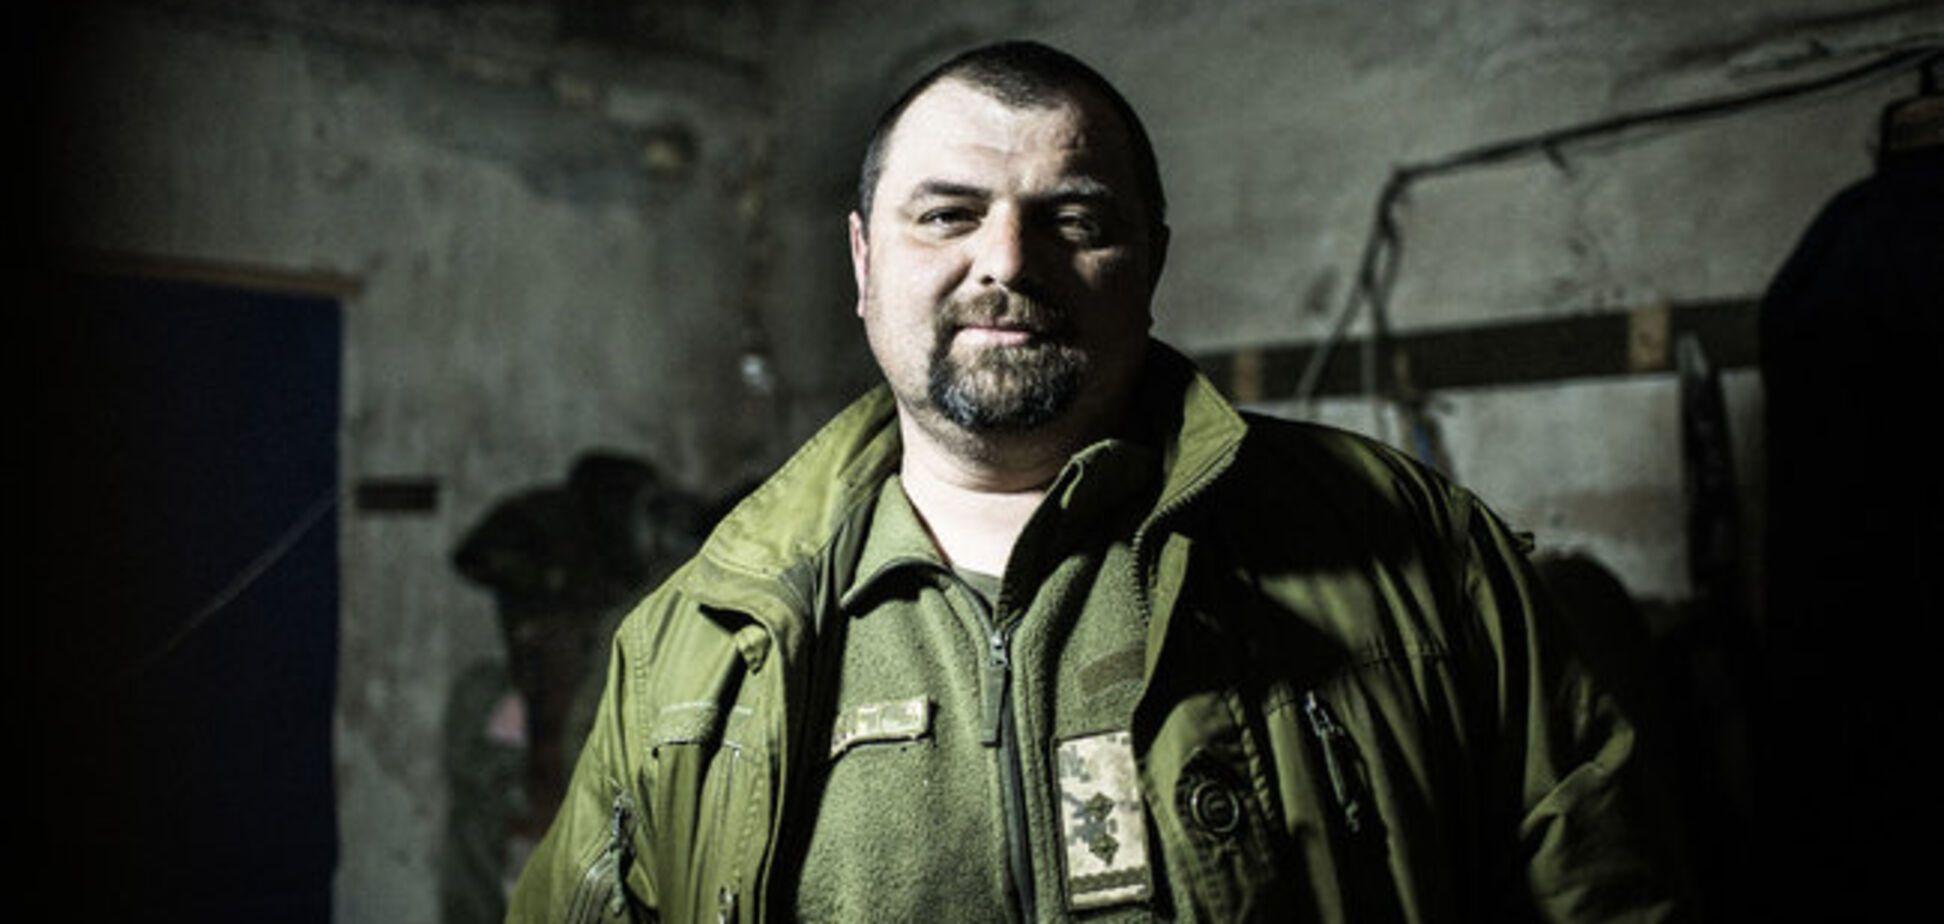 'Лишь бы не стреляли': командир ВСУ рассказал о заробитчанах в армии